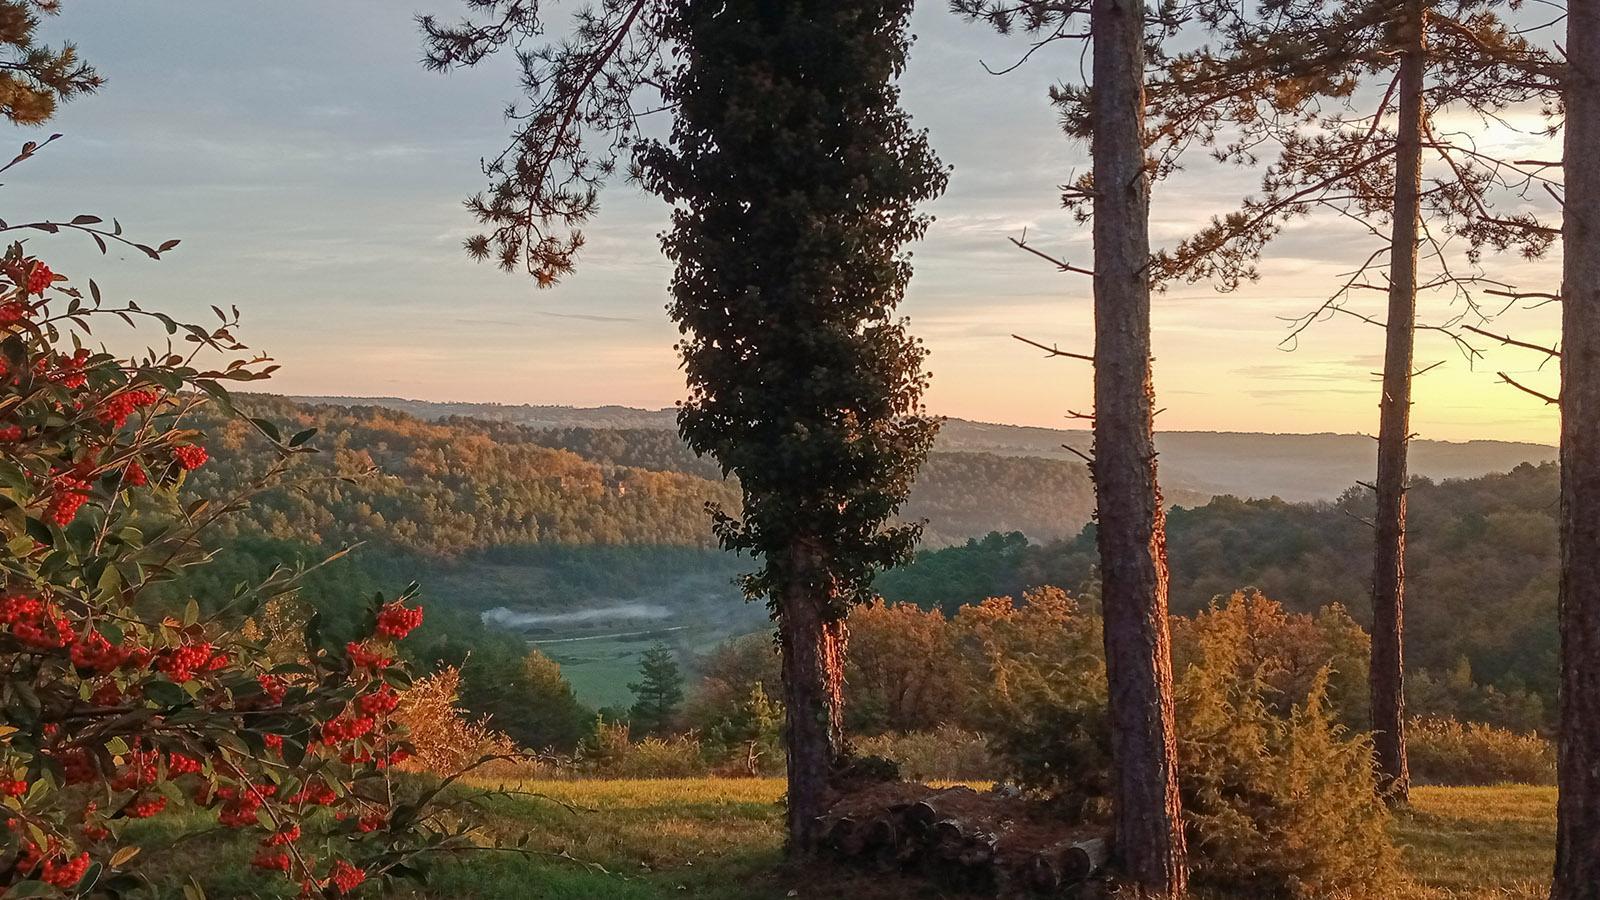 Die Aussicht von meinem Garten im Périgord, Dordogne. Foto: Brigitte Schmidt.